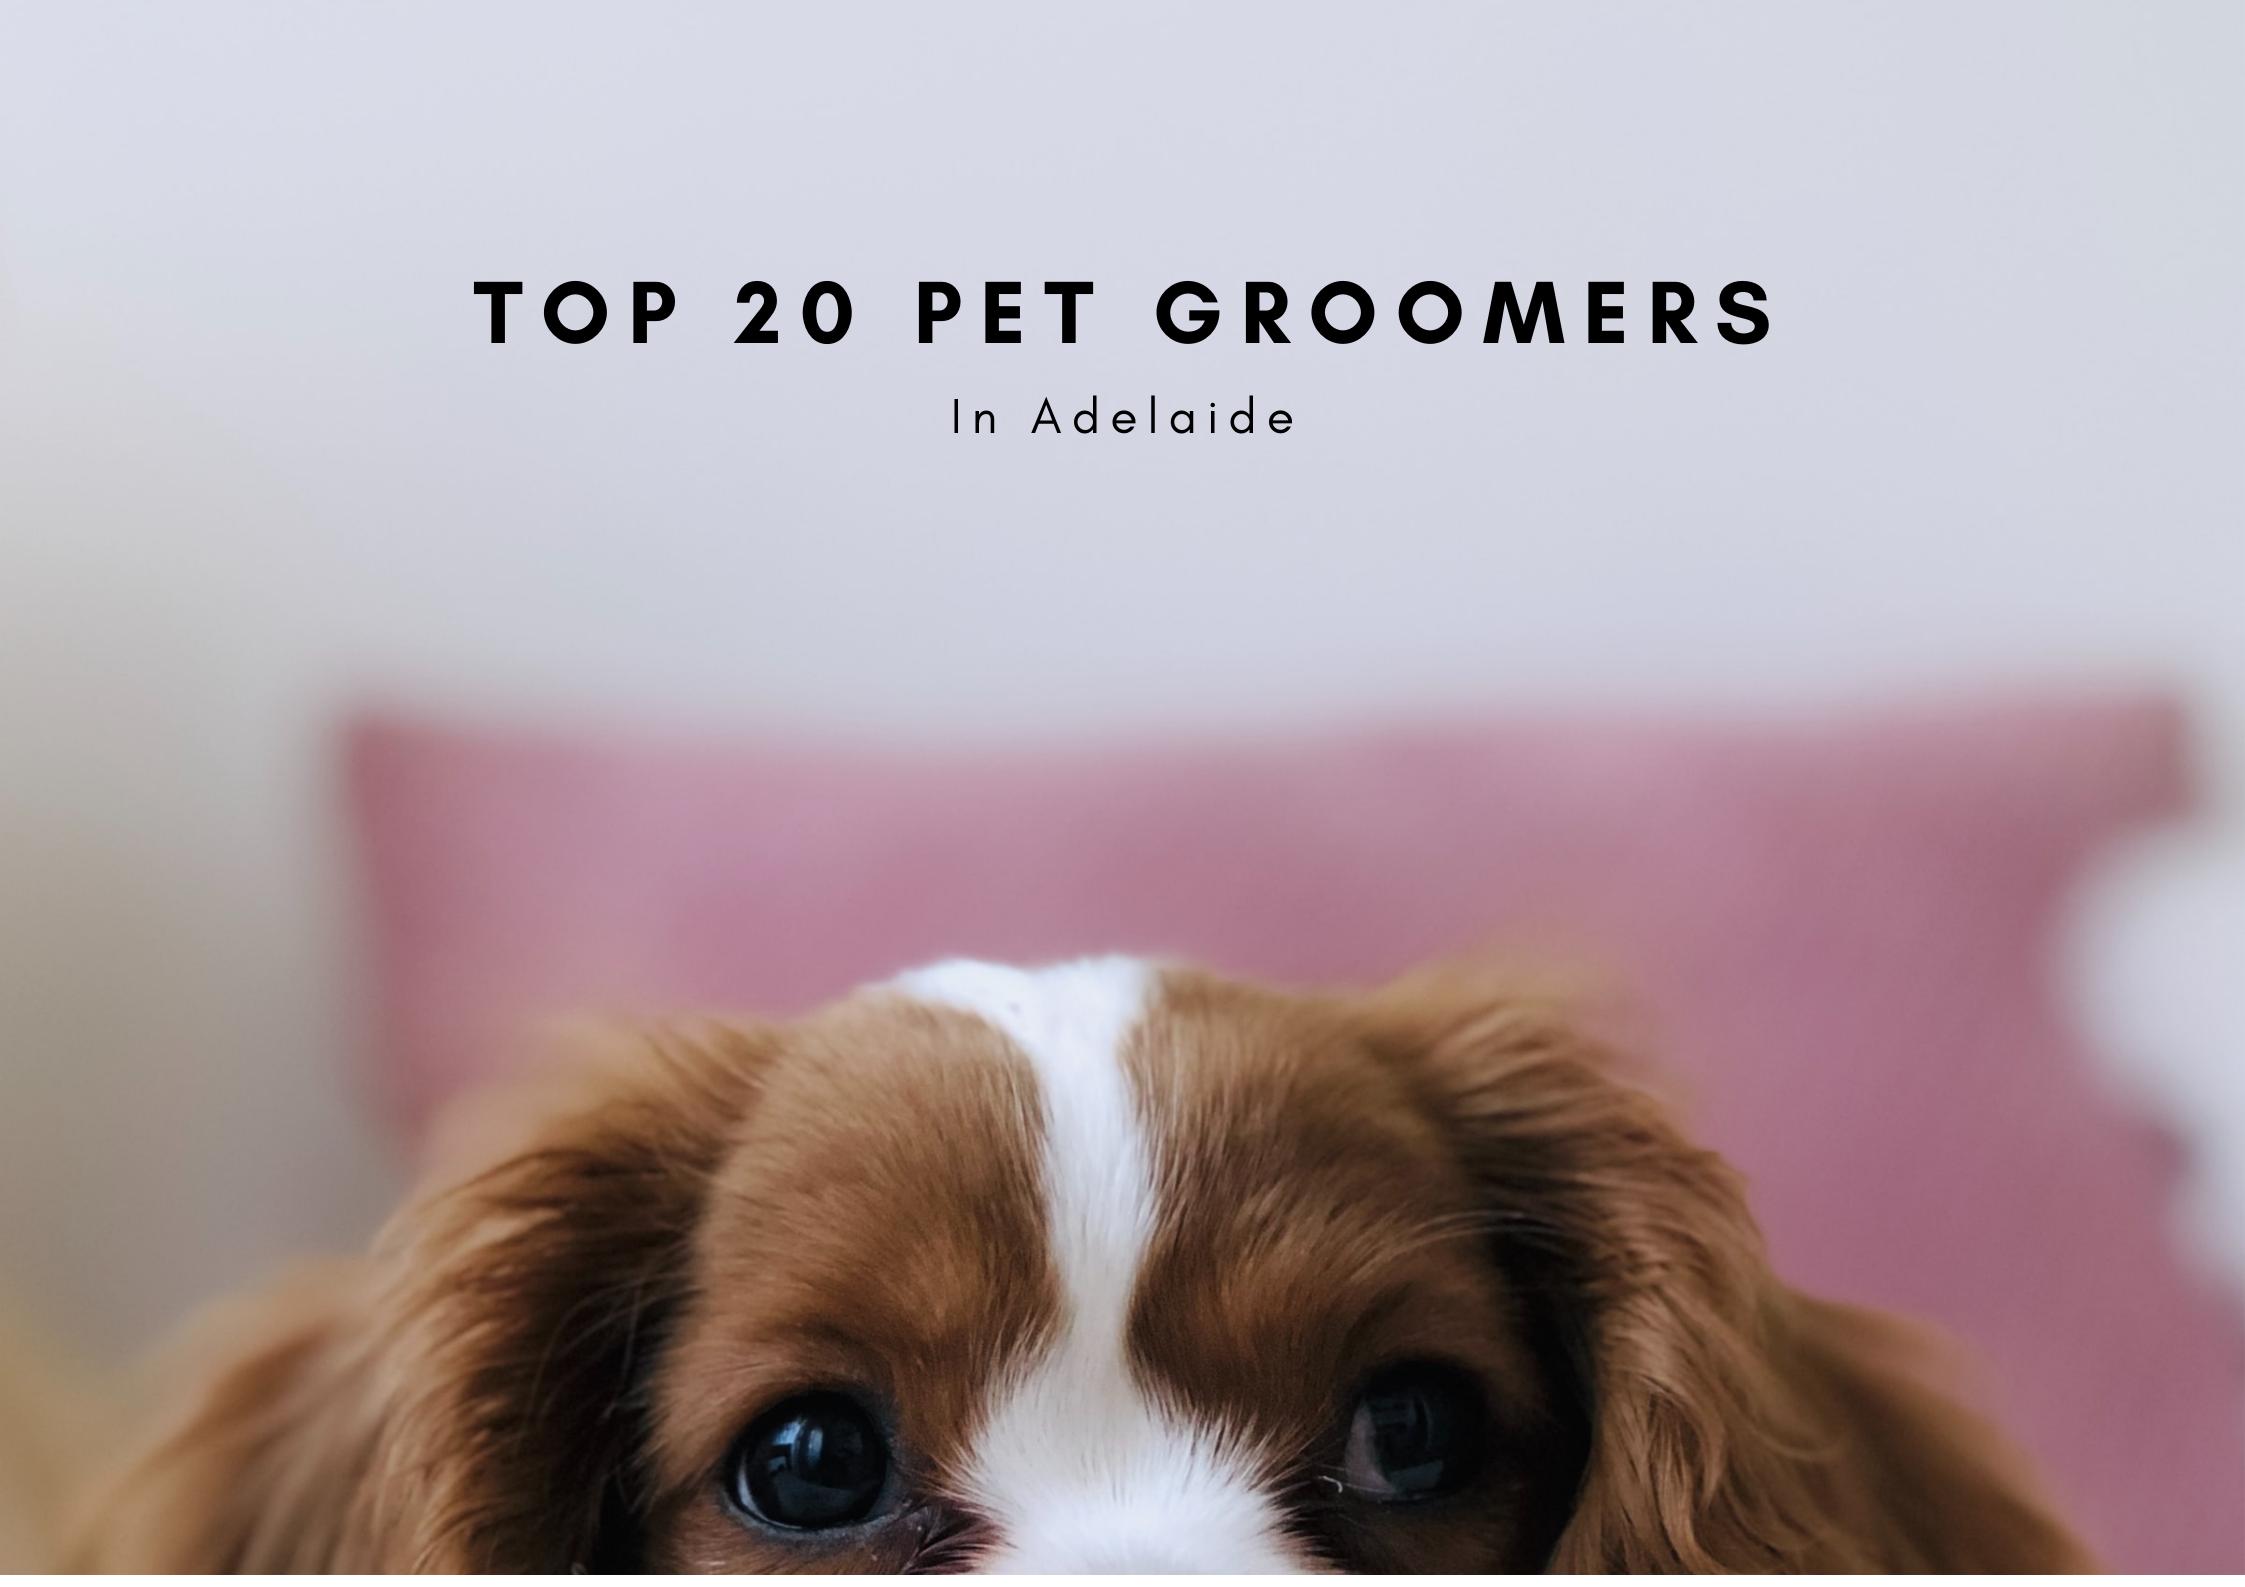 Top 20 Pet gro